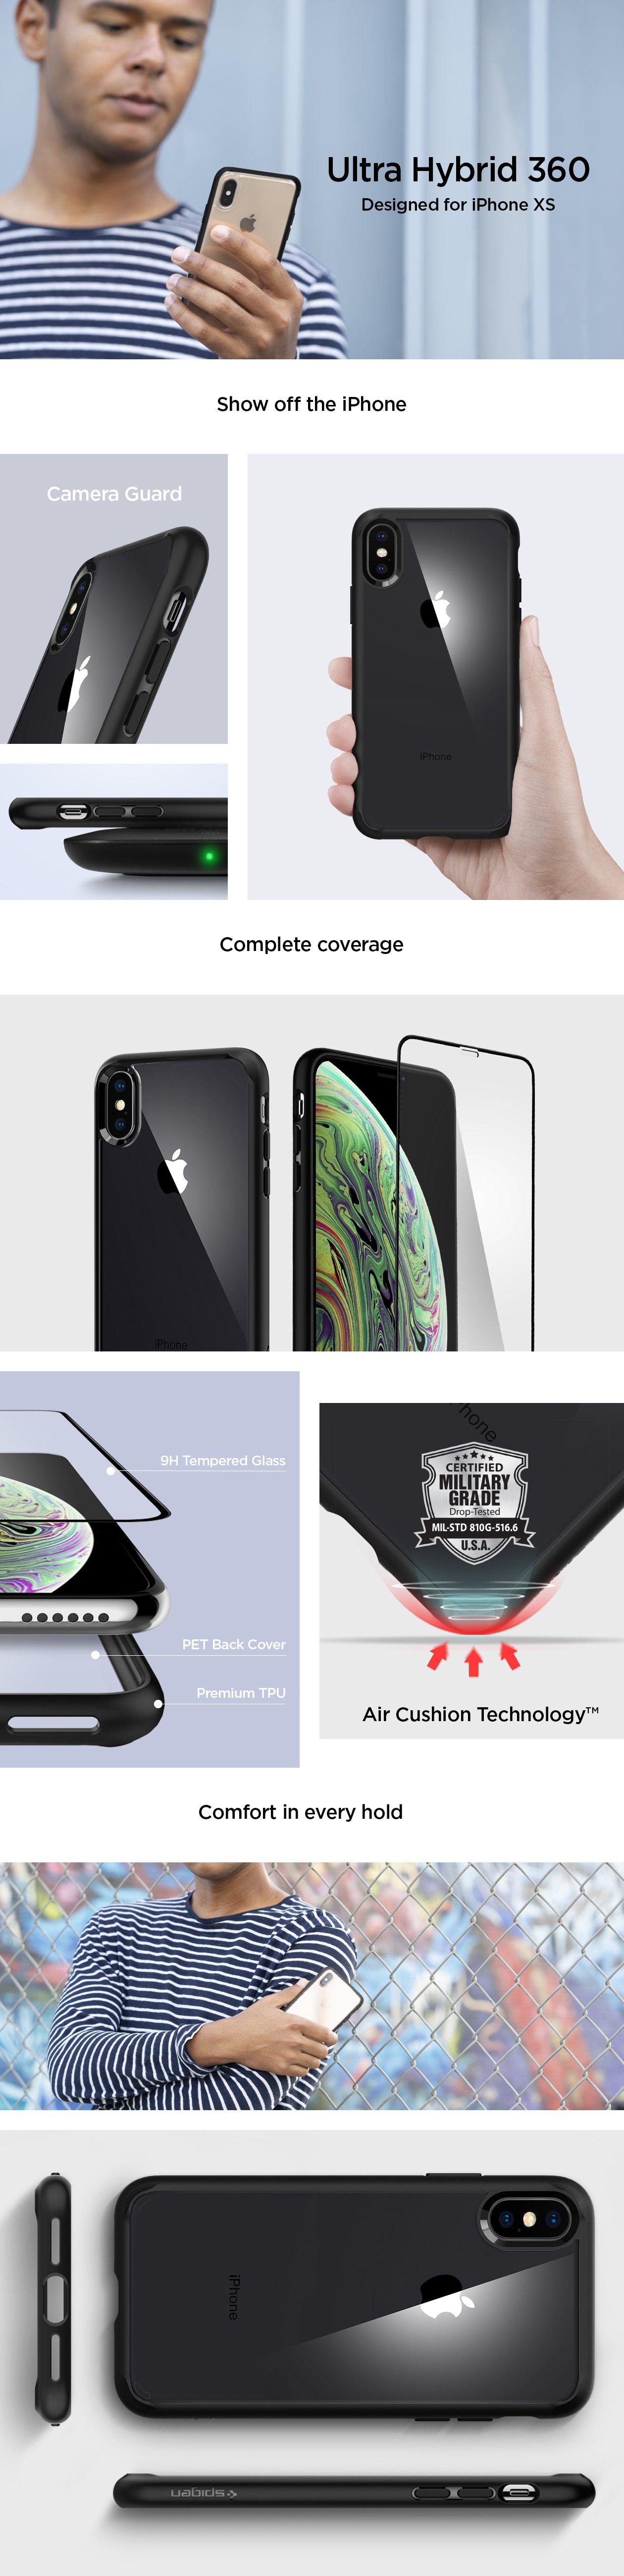 Vlastnosti obalu, krytu a pouzdra Spigen Ultra Hybrid 360 pro Apple iPhone XS/X.